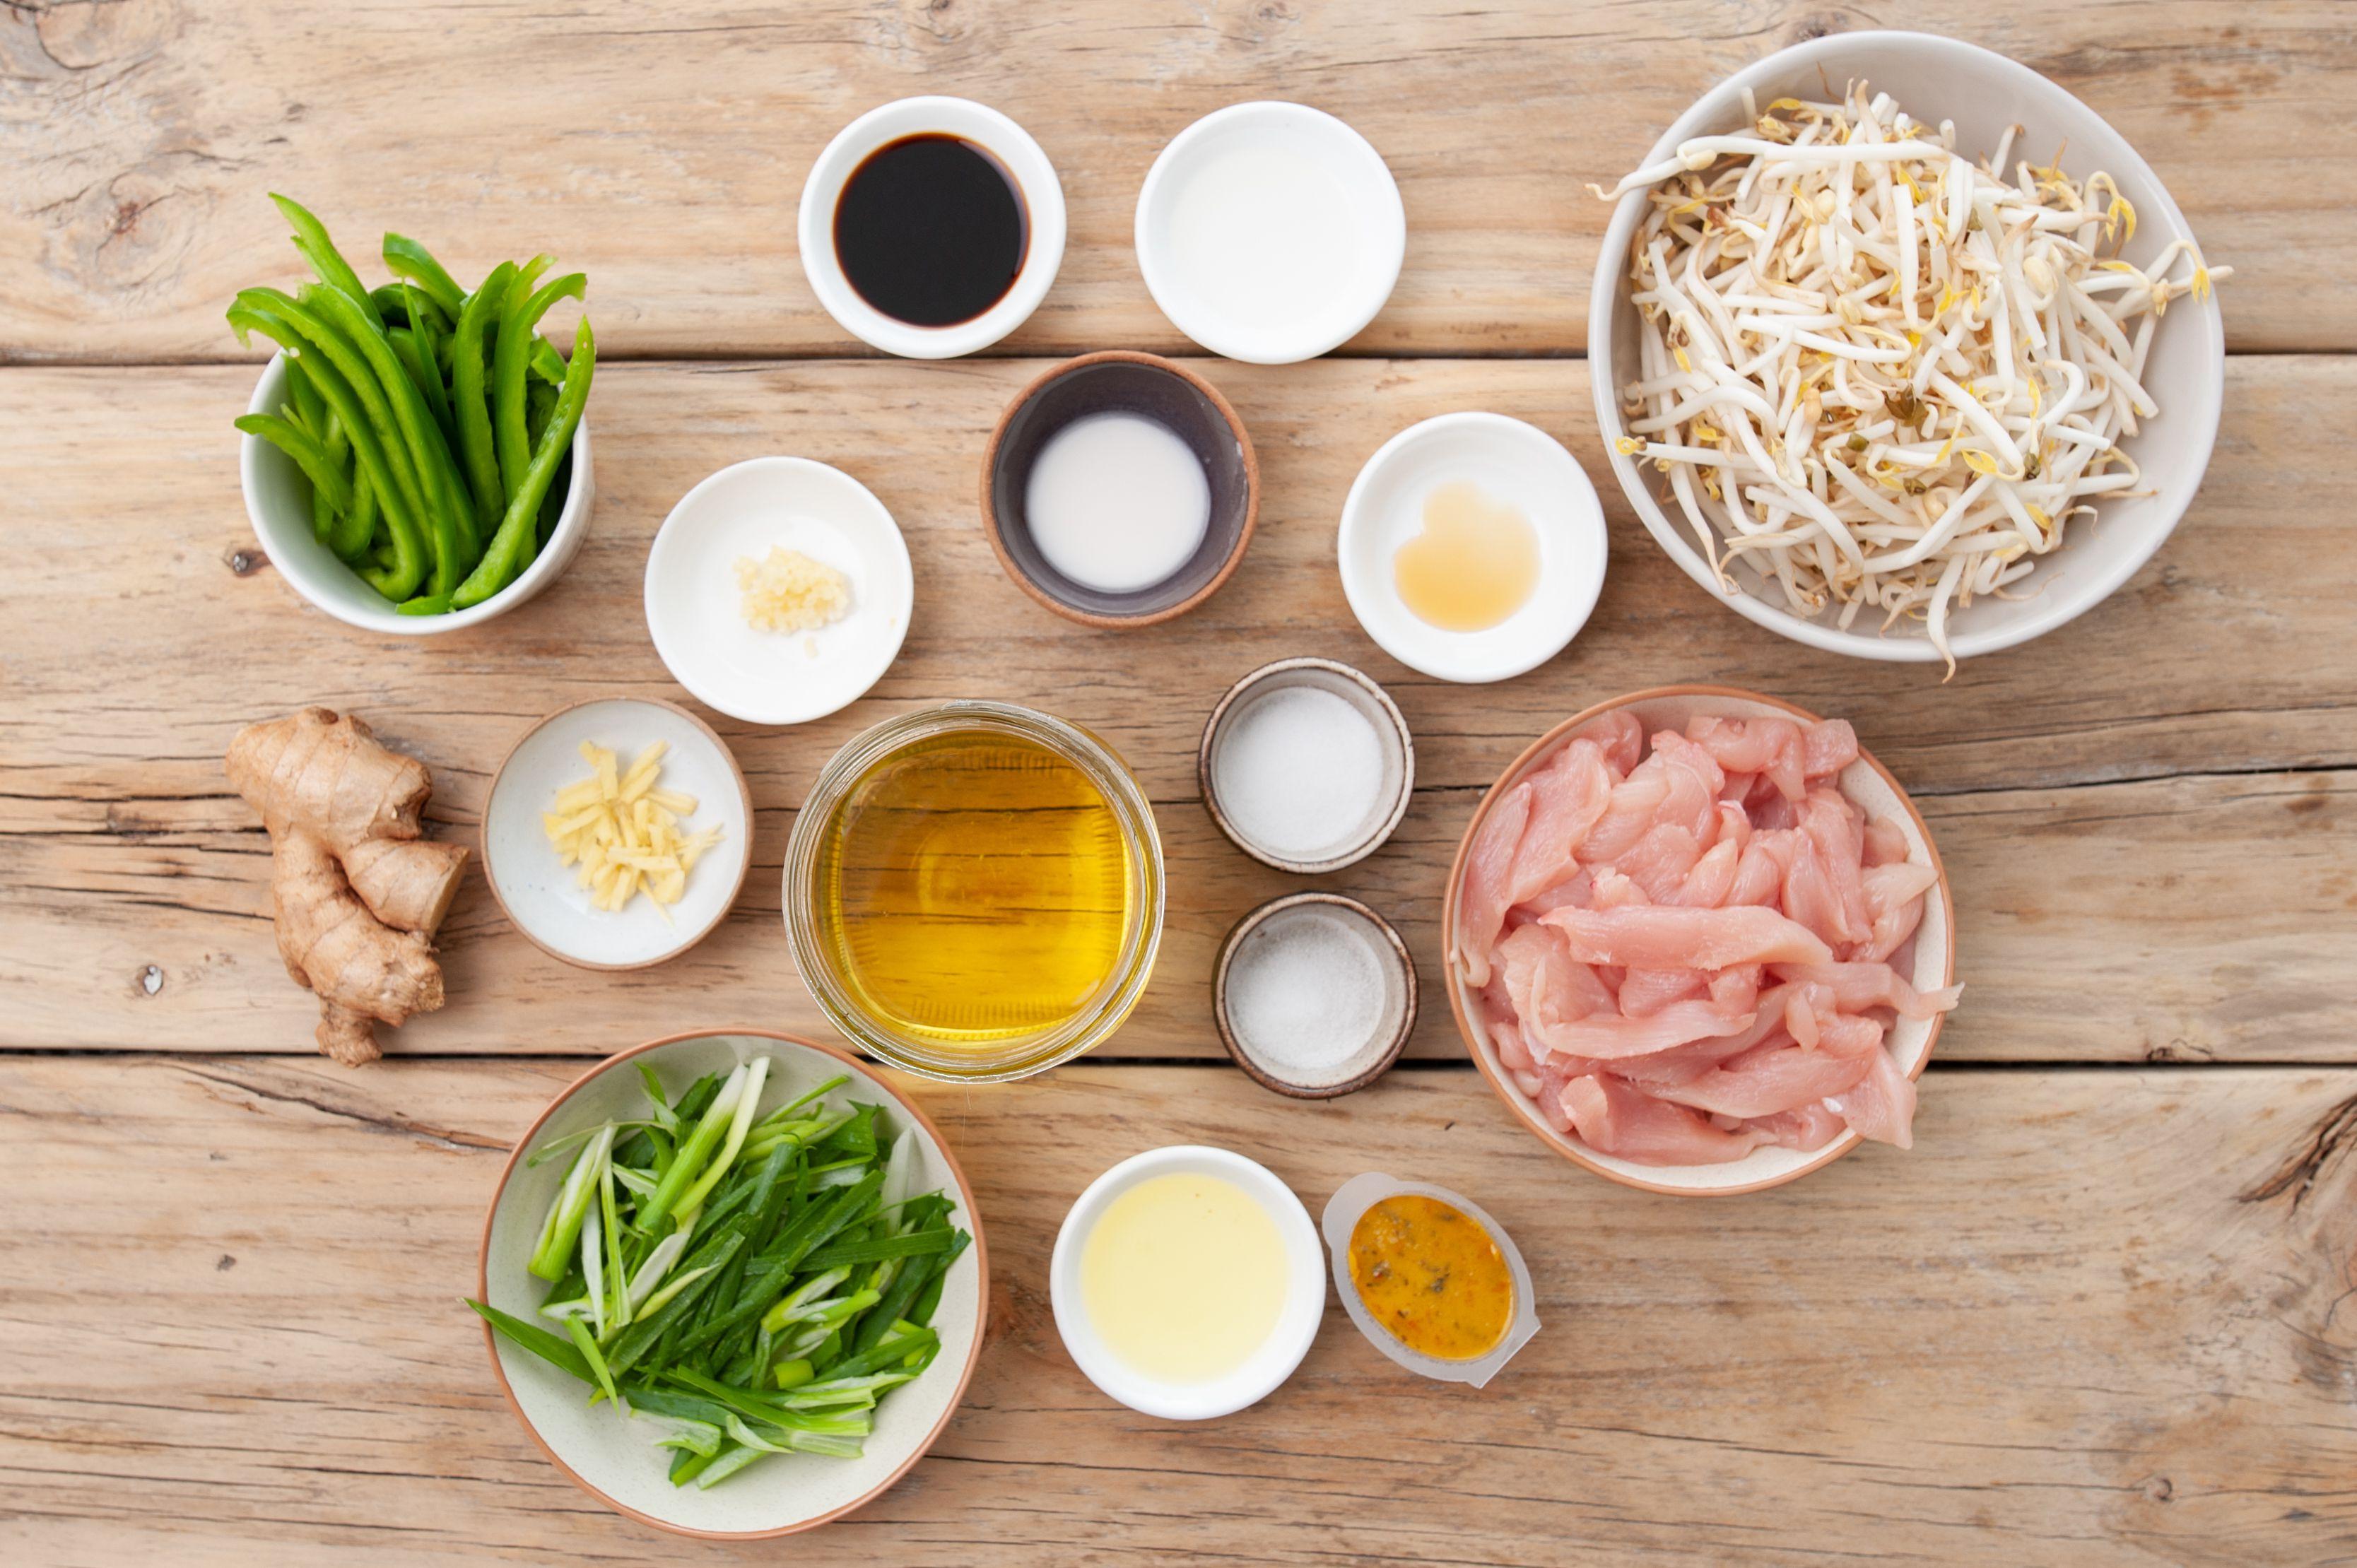 Ingredients for chicken chop suey recipe